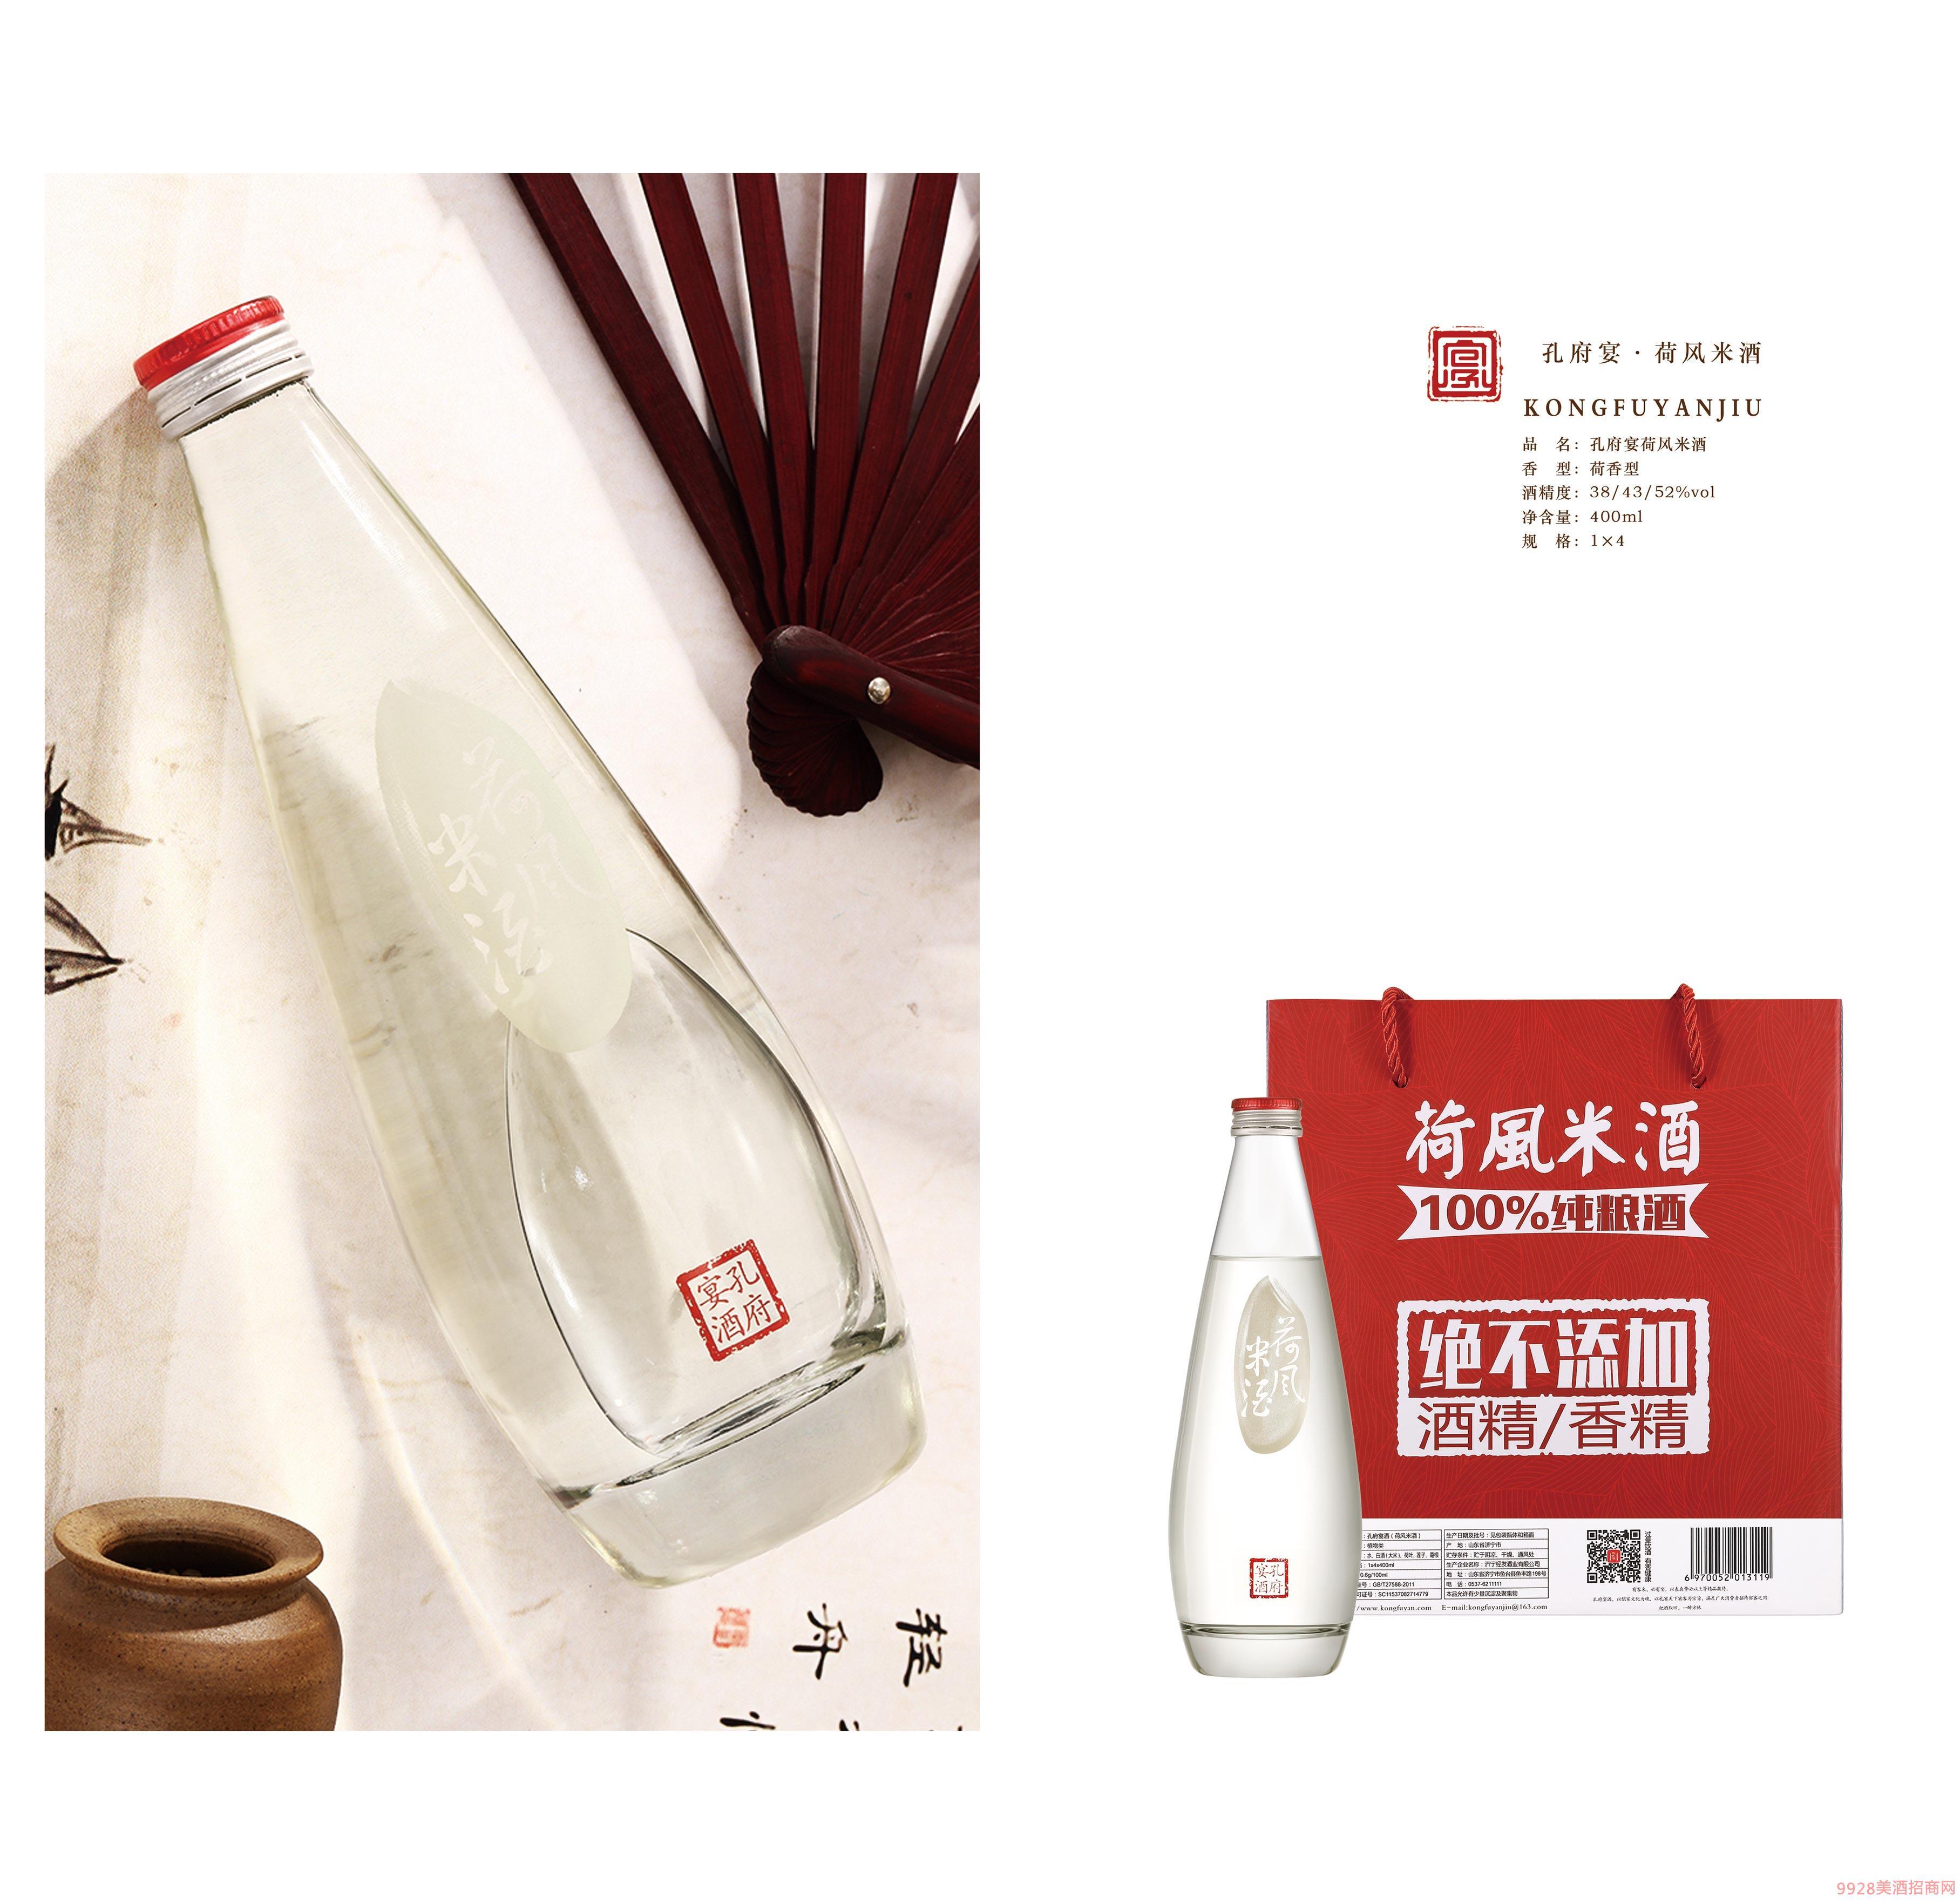 孔府宴荷風米酒400ml